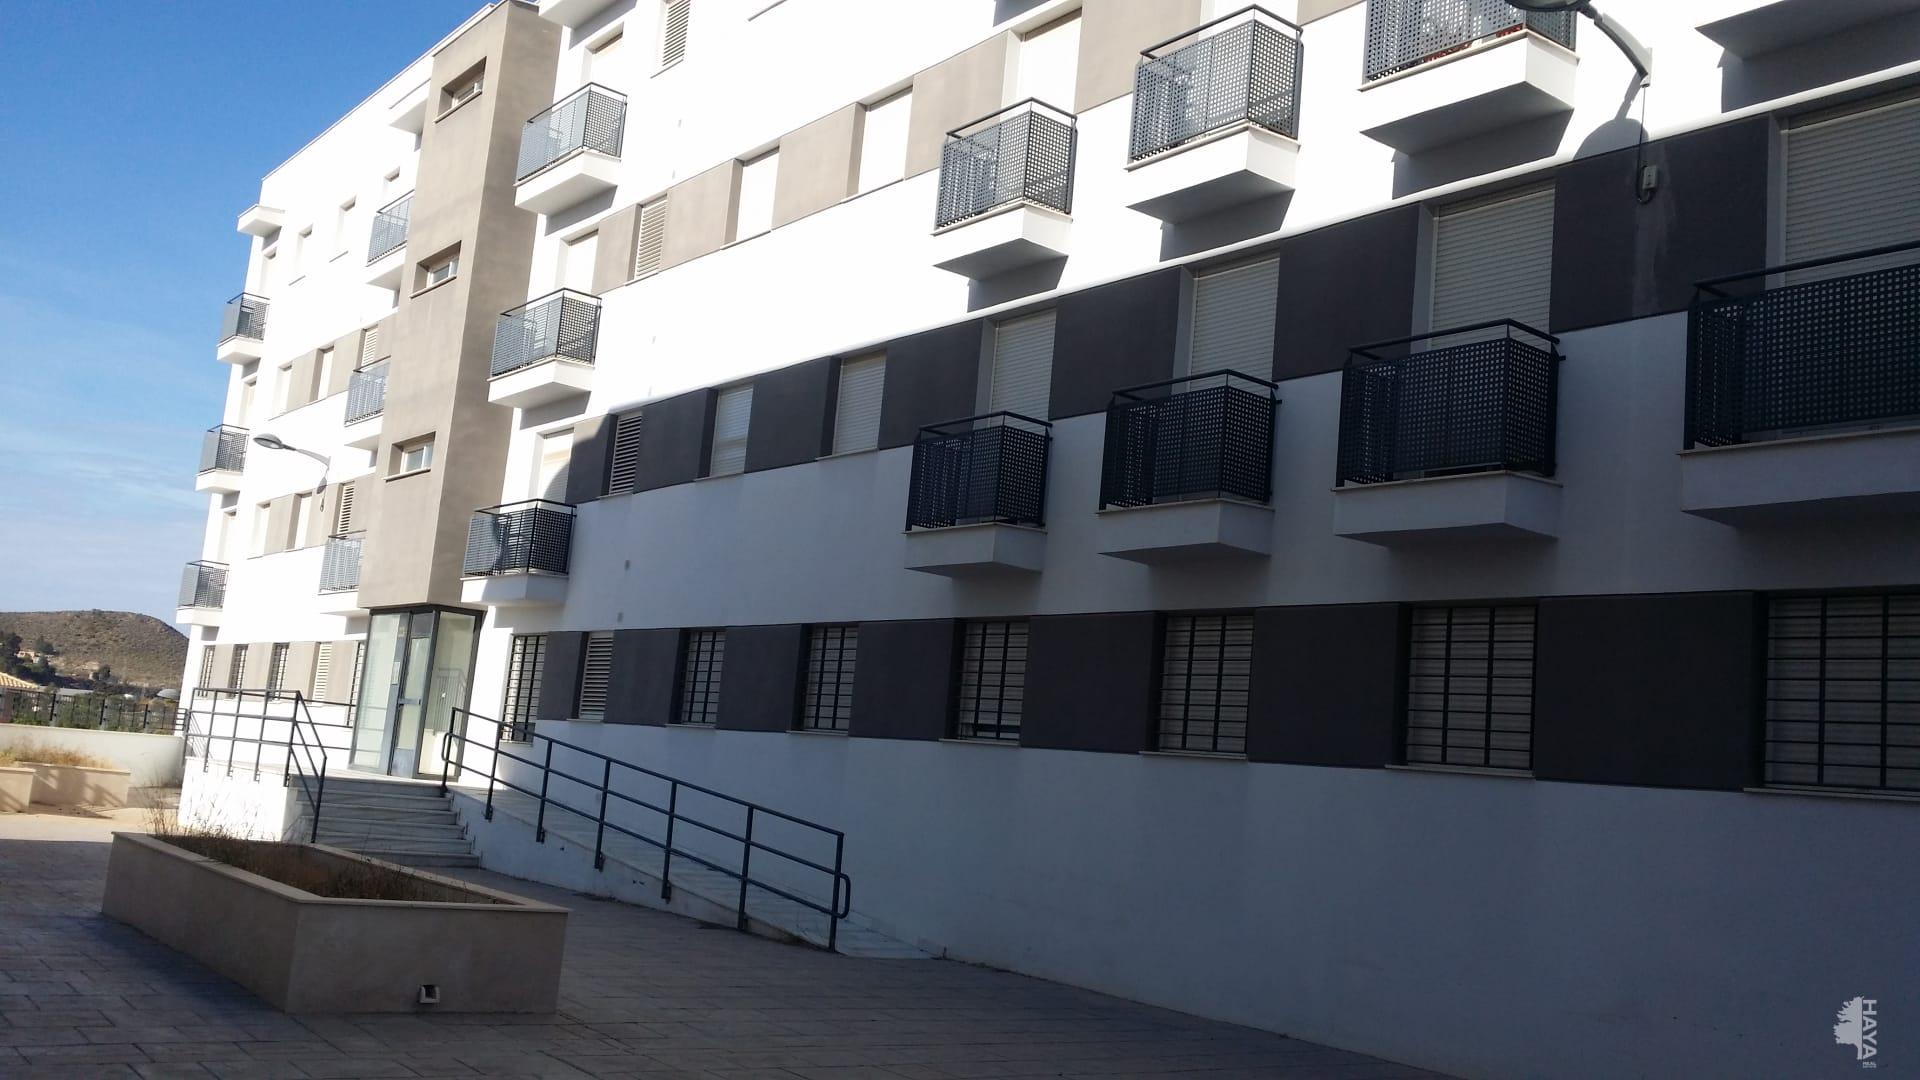 Piso en venta en Piso en Olula del Río, Almería, 80.100 €, 3 habitaciones, 1 baño, 104 m2